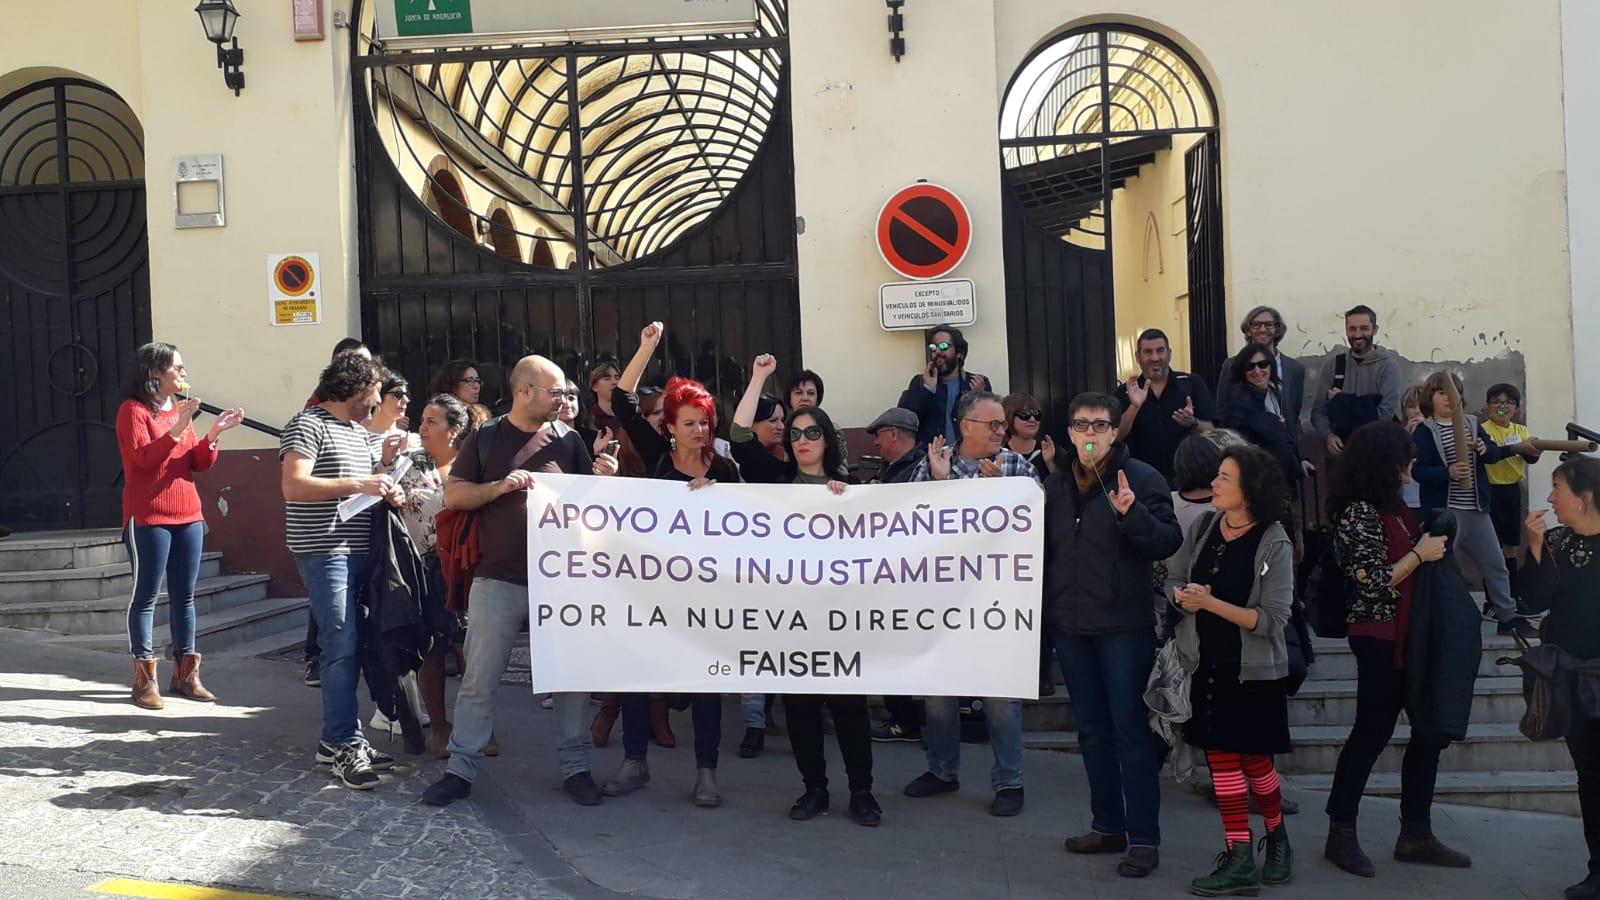 FAISEM, fundación de la Junta de Andalucía, suma otra condena judicial por destituciones irregulares